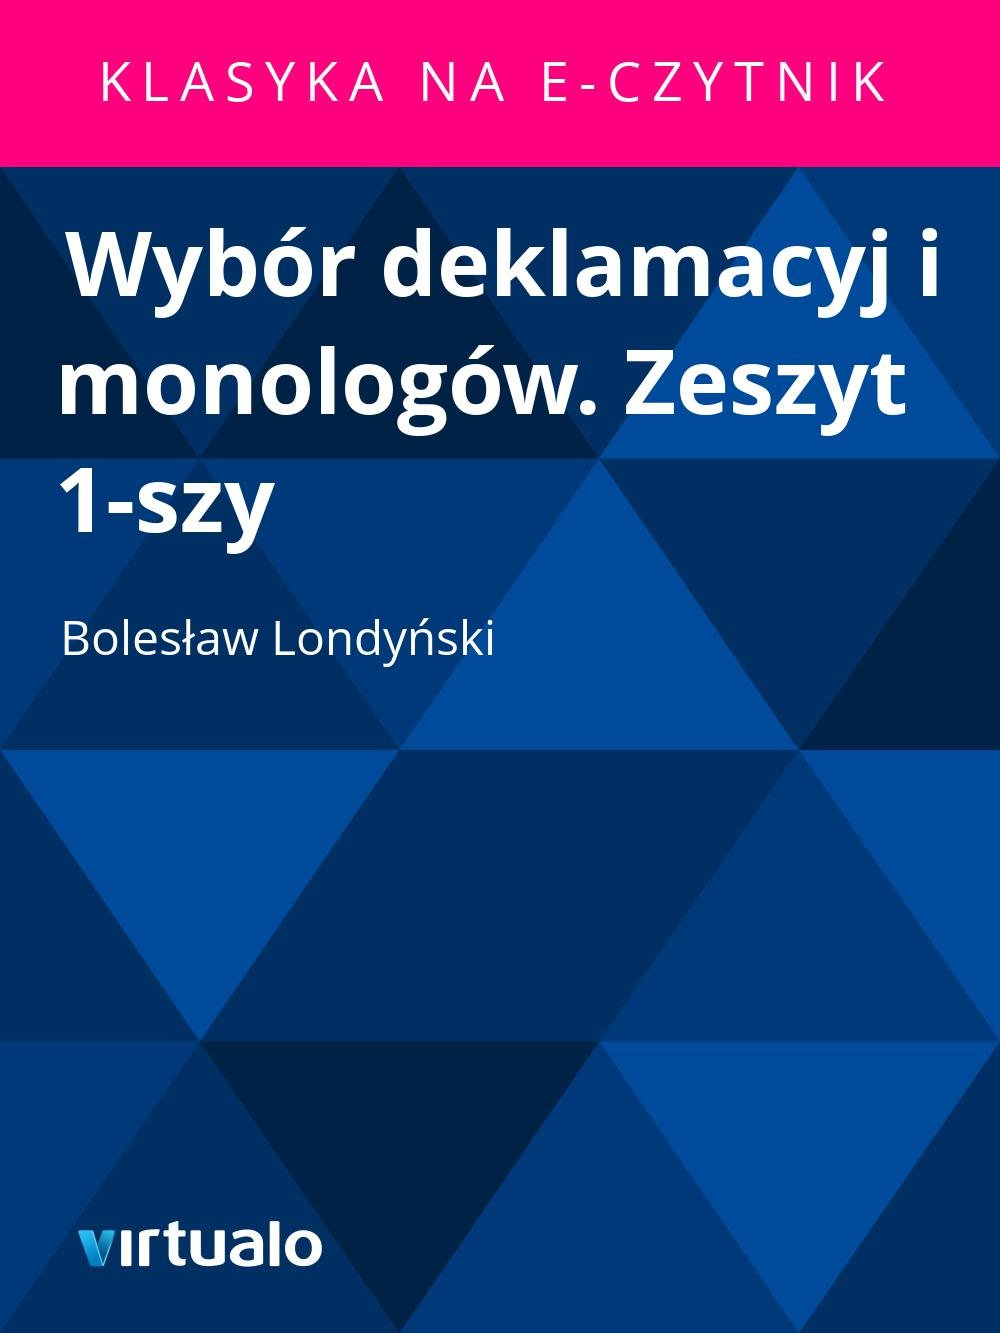 Wybór deklamacyj i monologów. Zeszyt 1-szy - Ebook (Książka EPUB) do pobrania w formacie EPUB